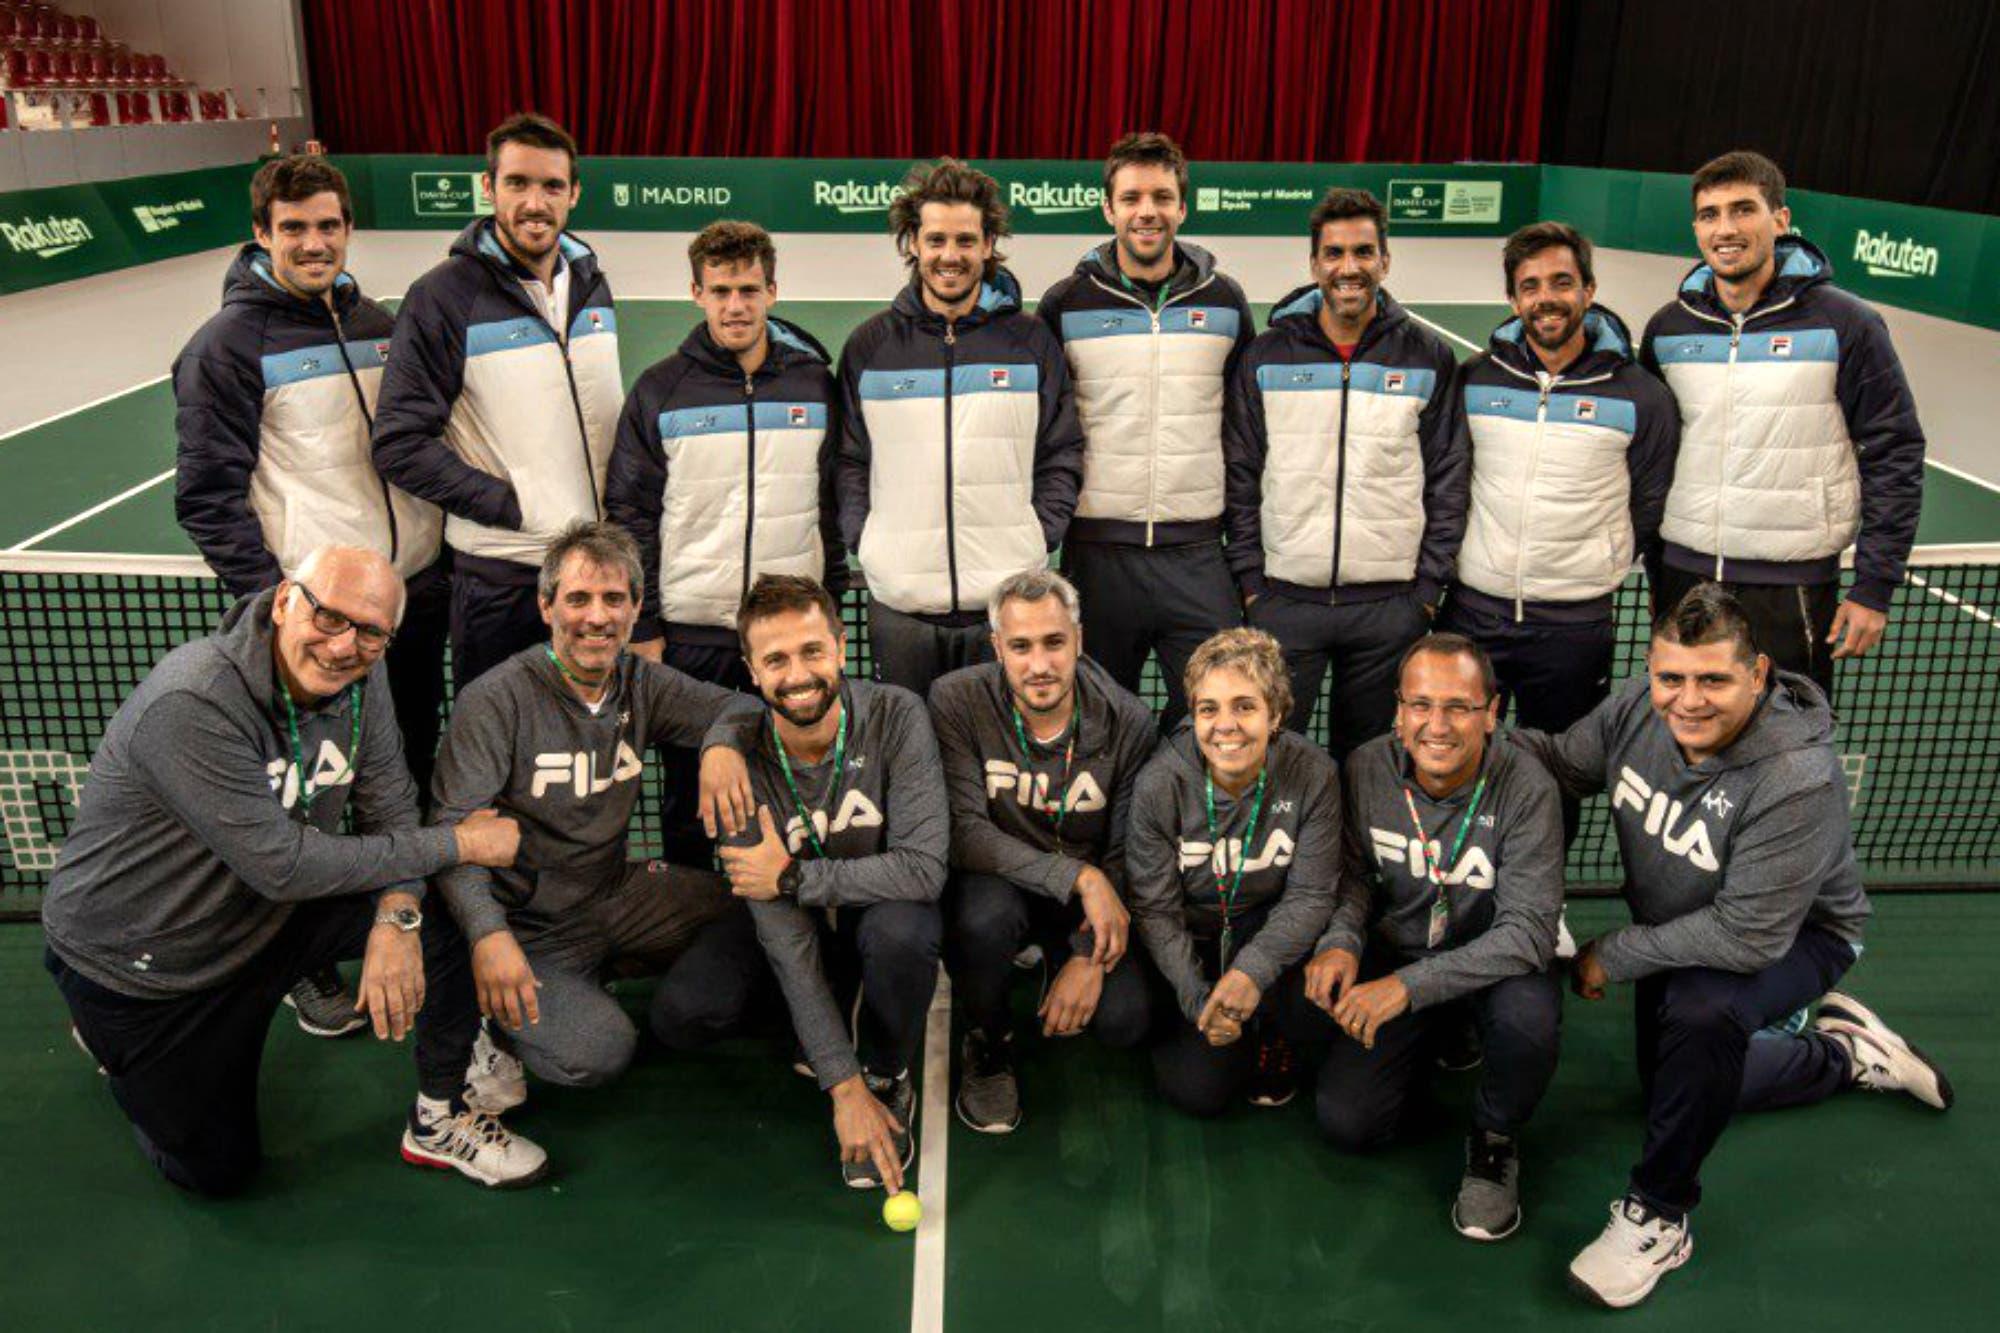 La nueva Copa Davis: lo que hay que saber del torneo de los 3000 millones de dólares